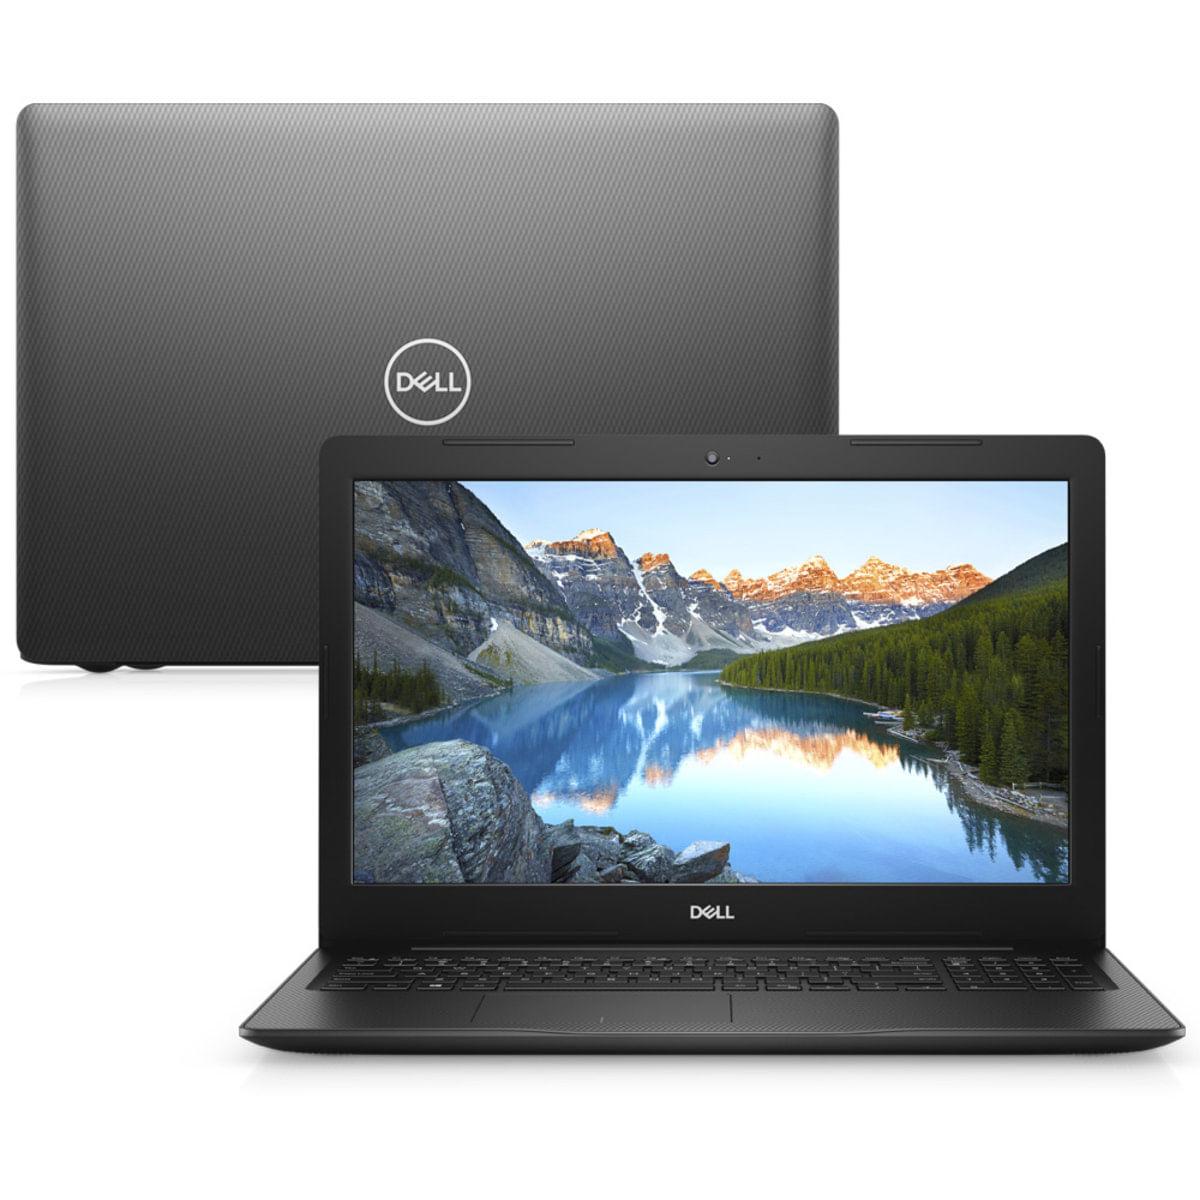 """Notebook - Dell I15-3584-m10p I3-7020u 2.30ghz 4gb 1tb Padrão Intel Hd Graphics 520 Windows 10 Home Inspiron 15,6"""" Polegadas"""